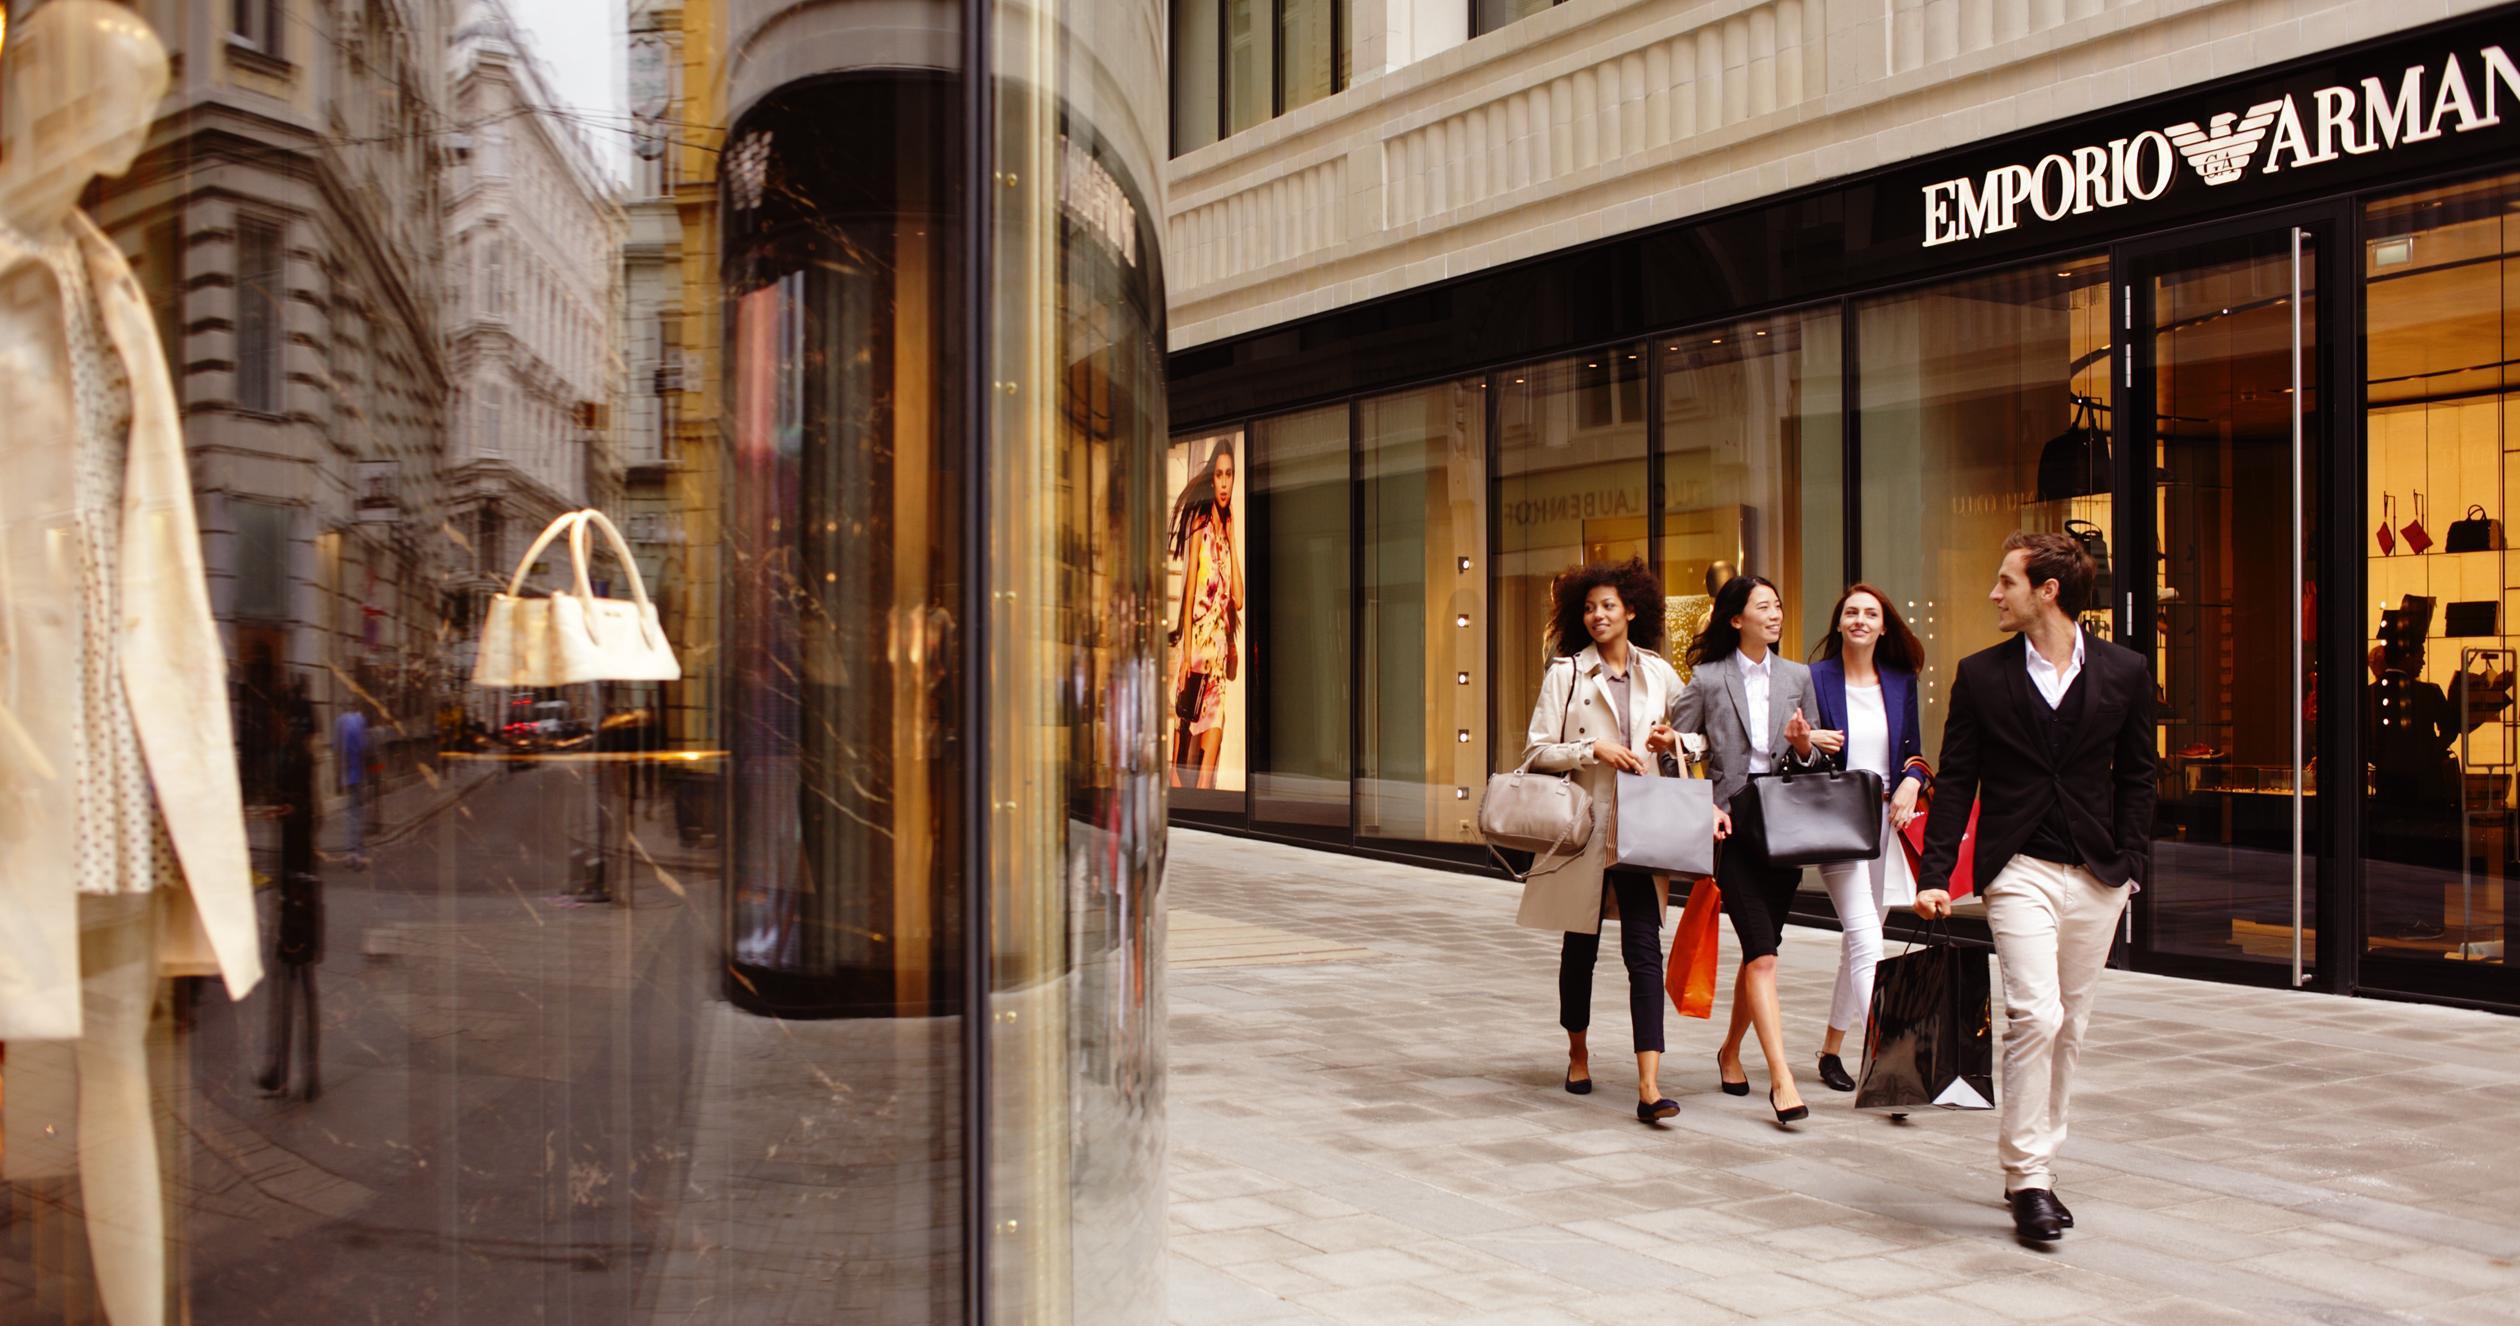 tienda de lujo - Consumidores de mercados emergentes siguen impulsando el crecimiento del mercado de lujo